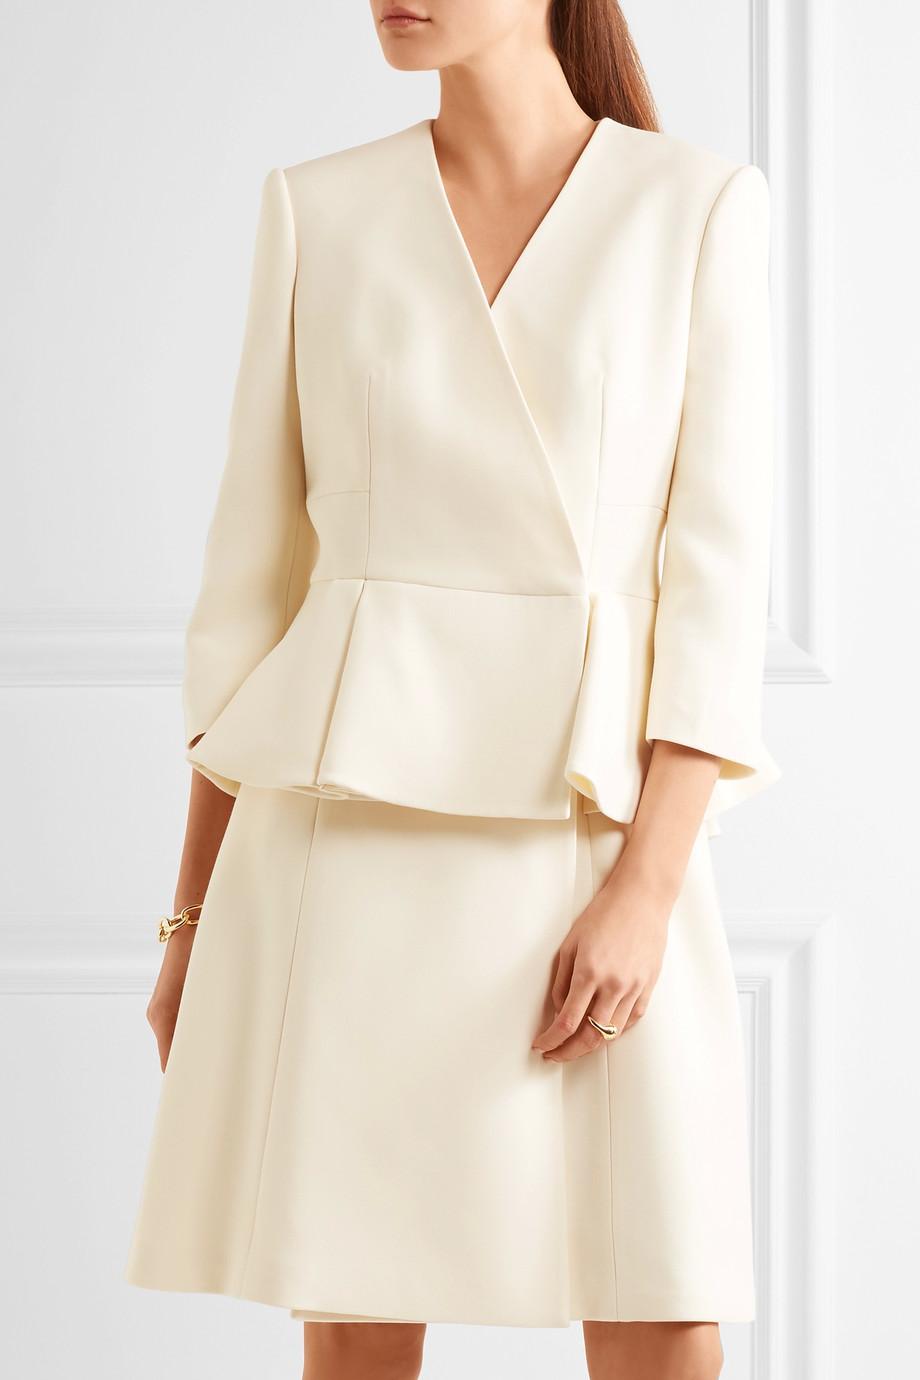 Kate Middleton's Alexander McQueen Coat Dress in Poland